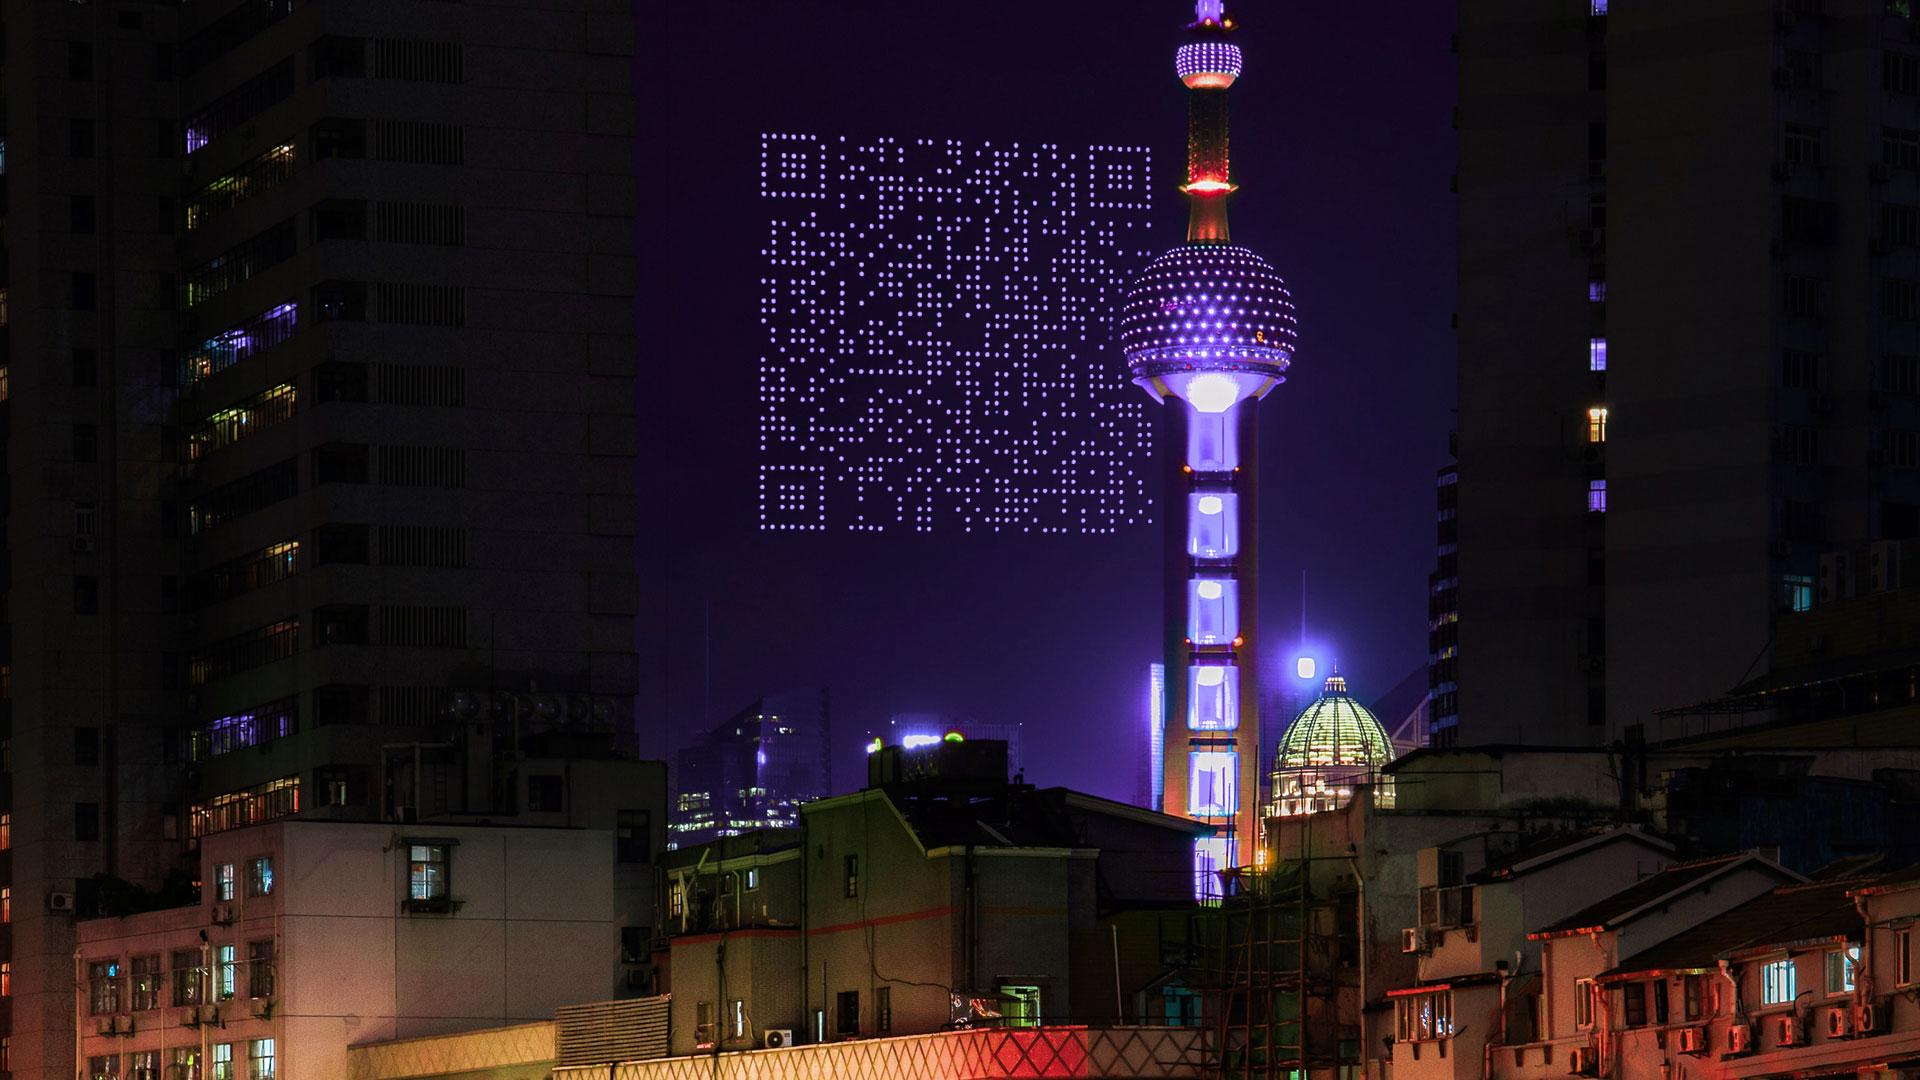 shanghai droni qr code